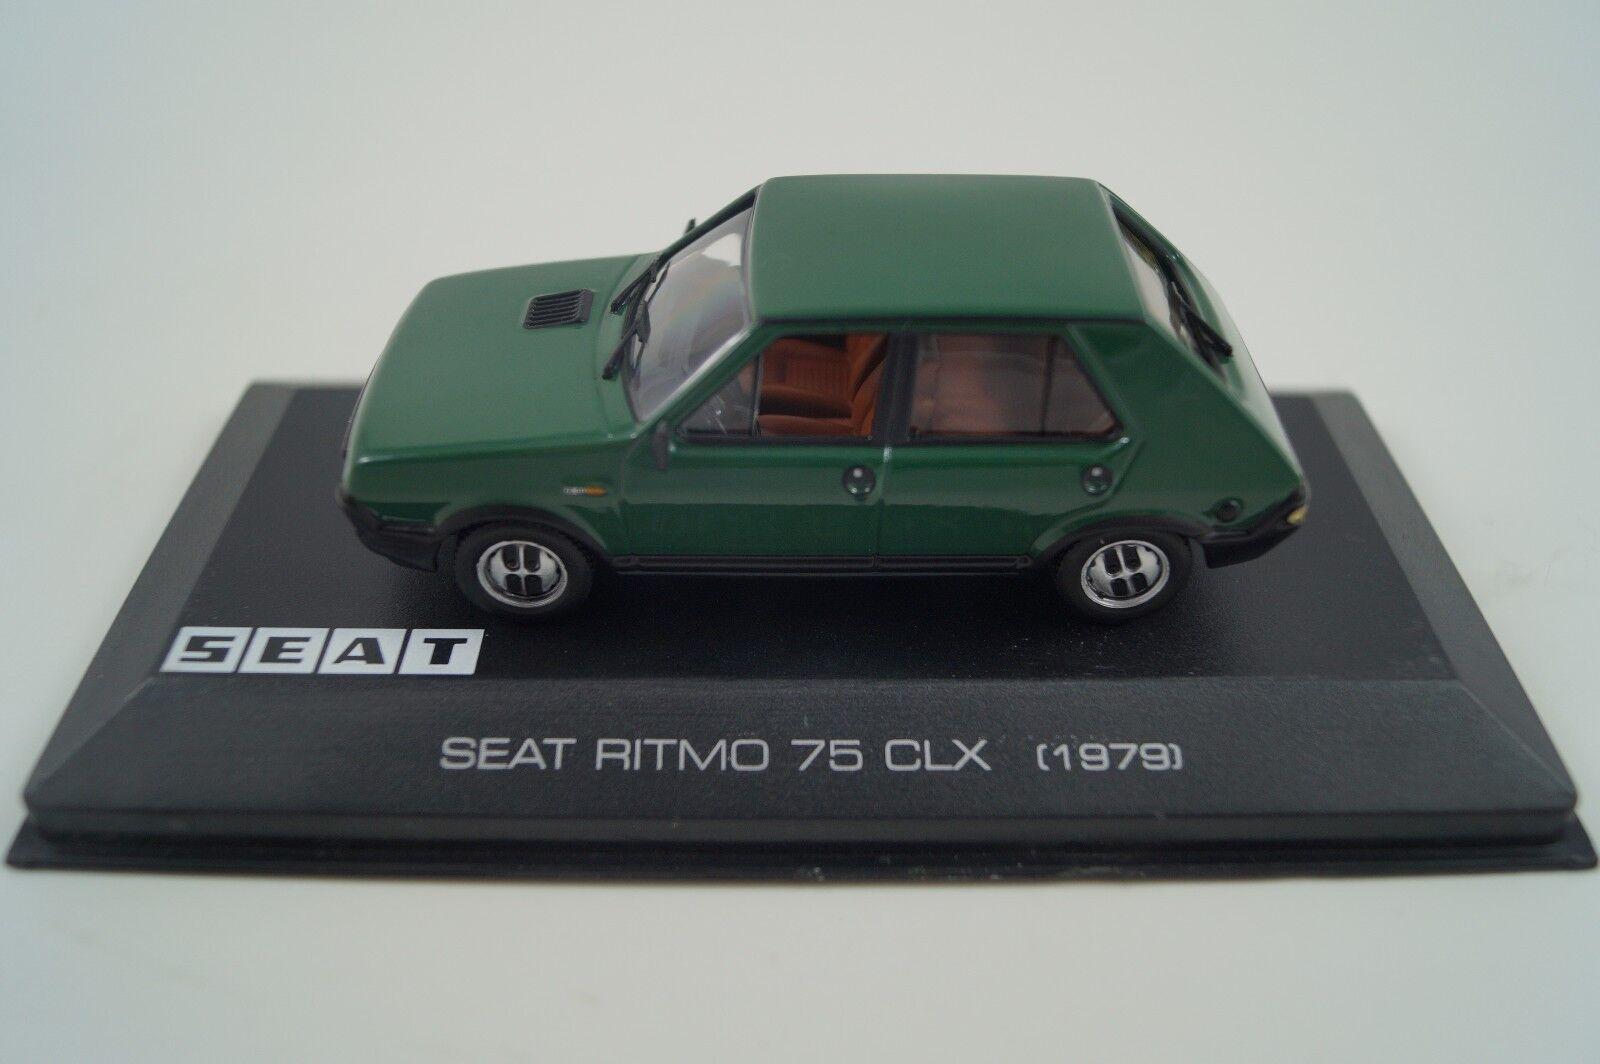 Maqueta de coche 1 43 seat seat seat Collection SEAT Ritmo CLX 75 1979 57c24a